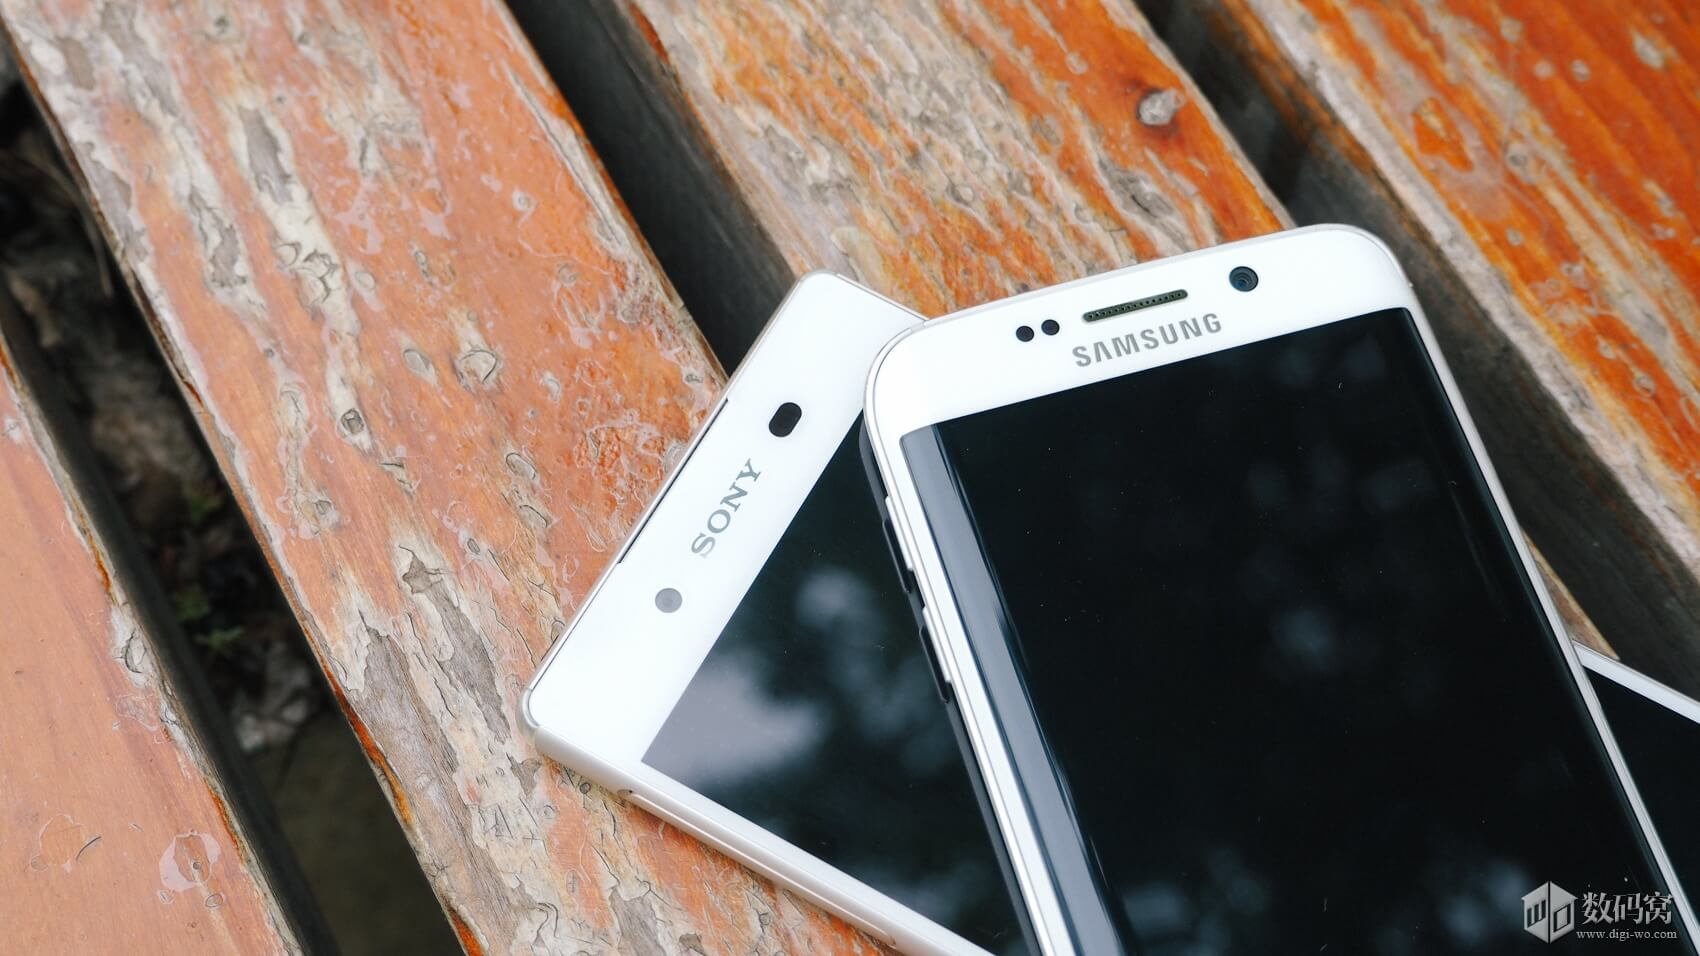 Xperia Z3+ vs Galaxy S6 Edge Comparison